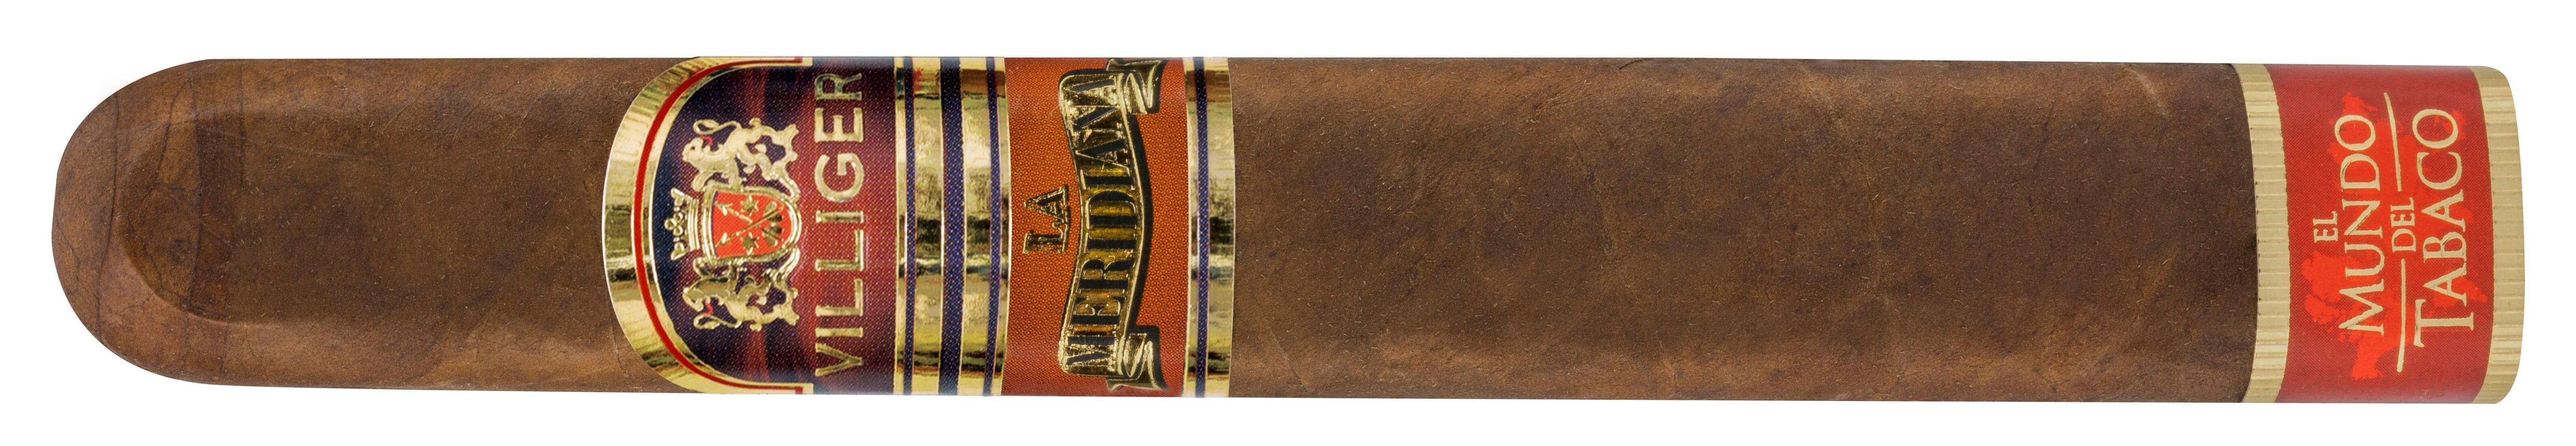 Cigar News: Villiger Debuts La Meridiana